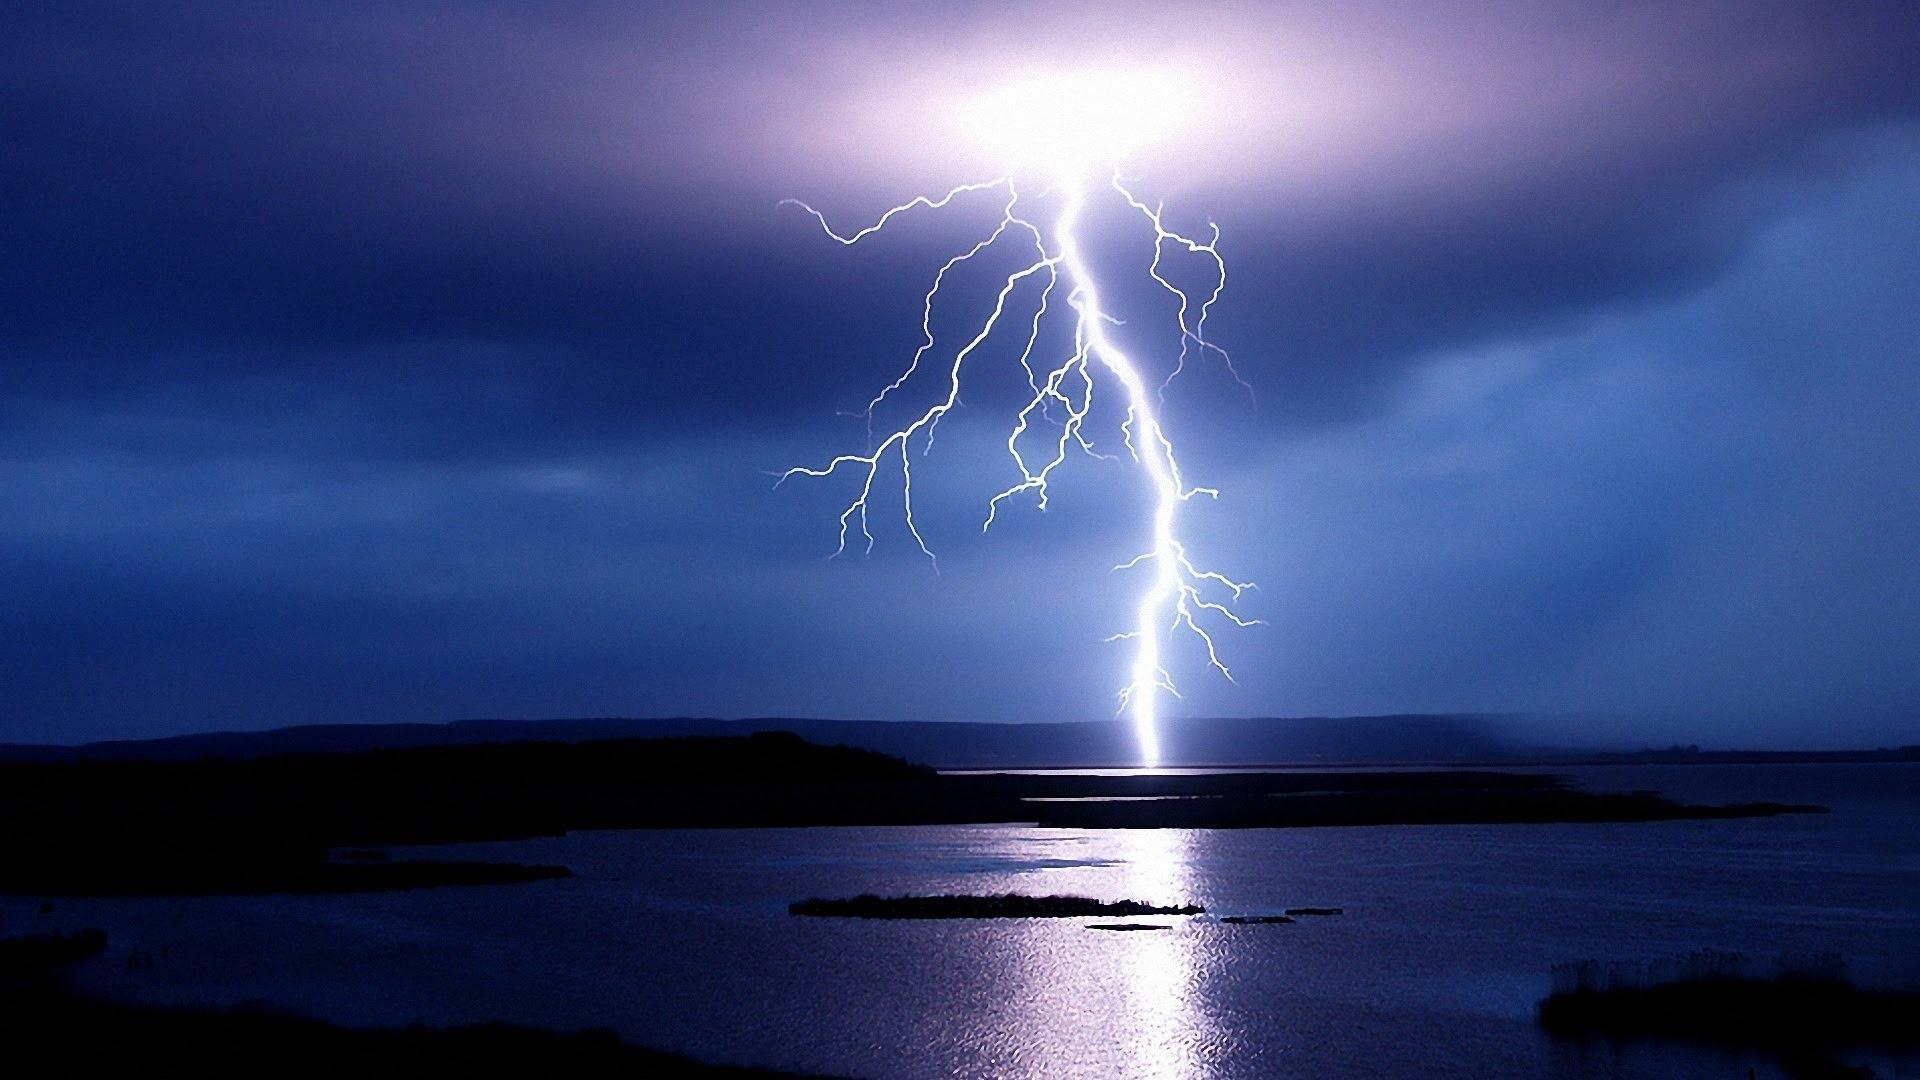 НАУЧНЫЙ ИНСАЙТ: система, которая предсказывает молнии